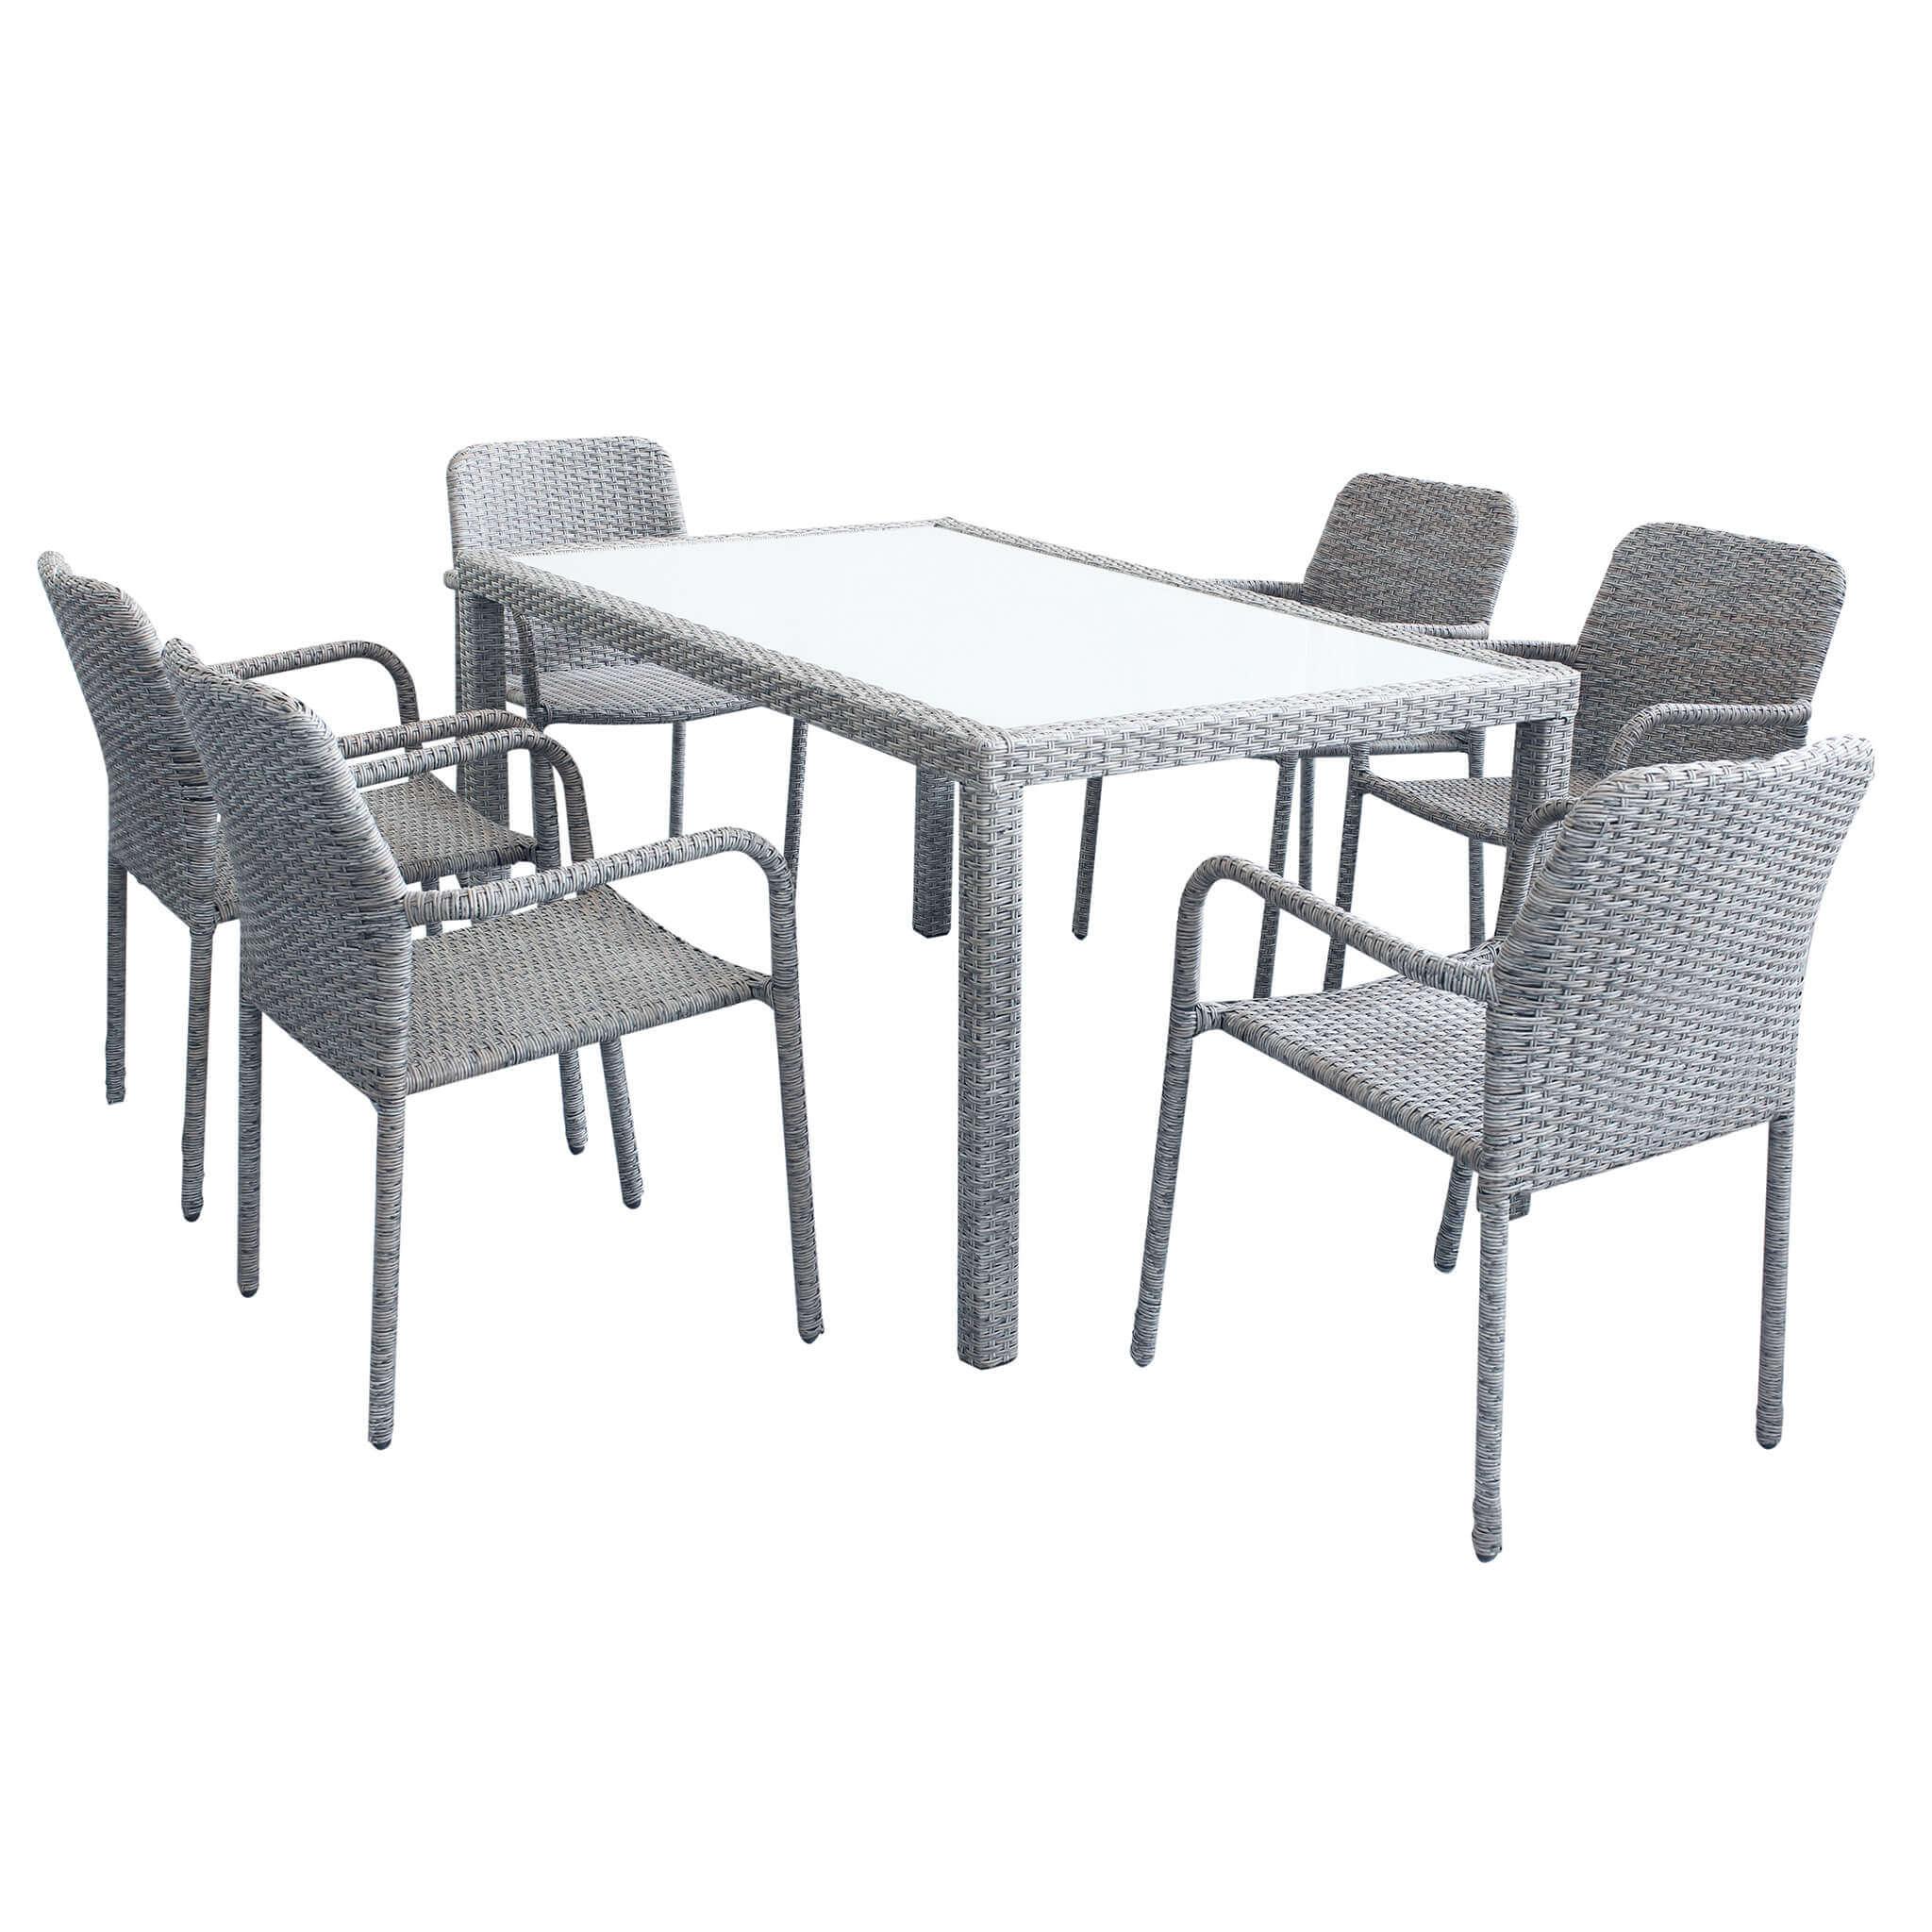 Milani Home AXONA - set tavolo da giardino con piano in vetro 150 x 90 compreso di 6 poltrone intreccio in rattan sintetico